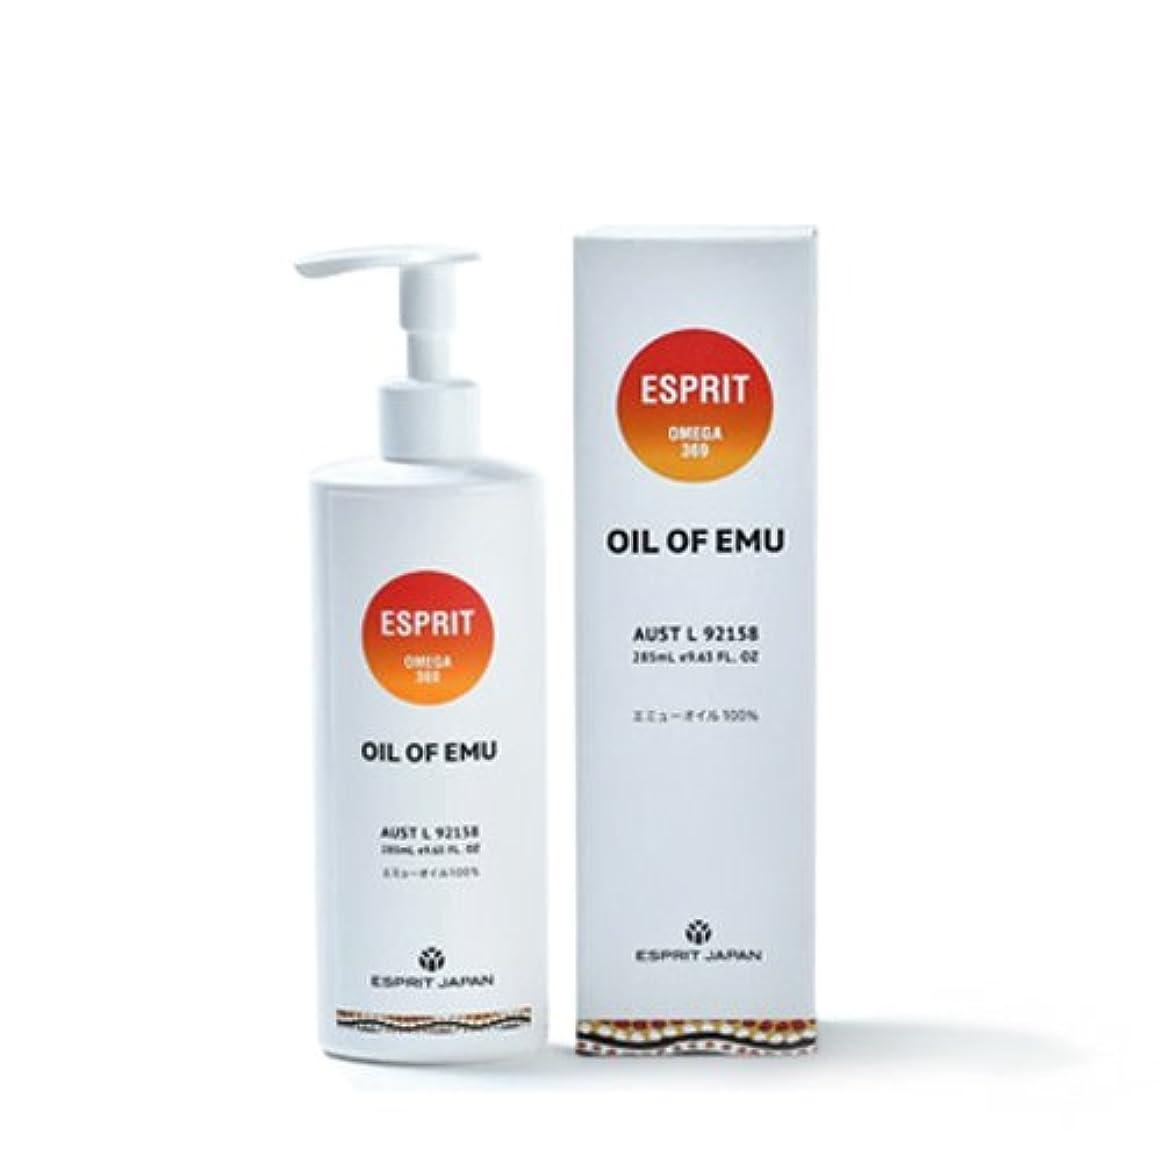 生態学影響力のあるアミューズ【OIL OF EMU】【285ml】【エミューマッサージオイル】【エミューオイル】EMU SPIRIT製 オイル?オブ?エミュー 285ml OIL of EMU (エミューオイル 100%) Sサイズ